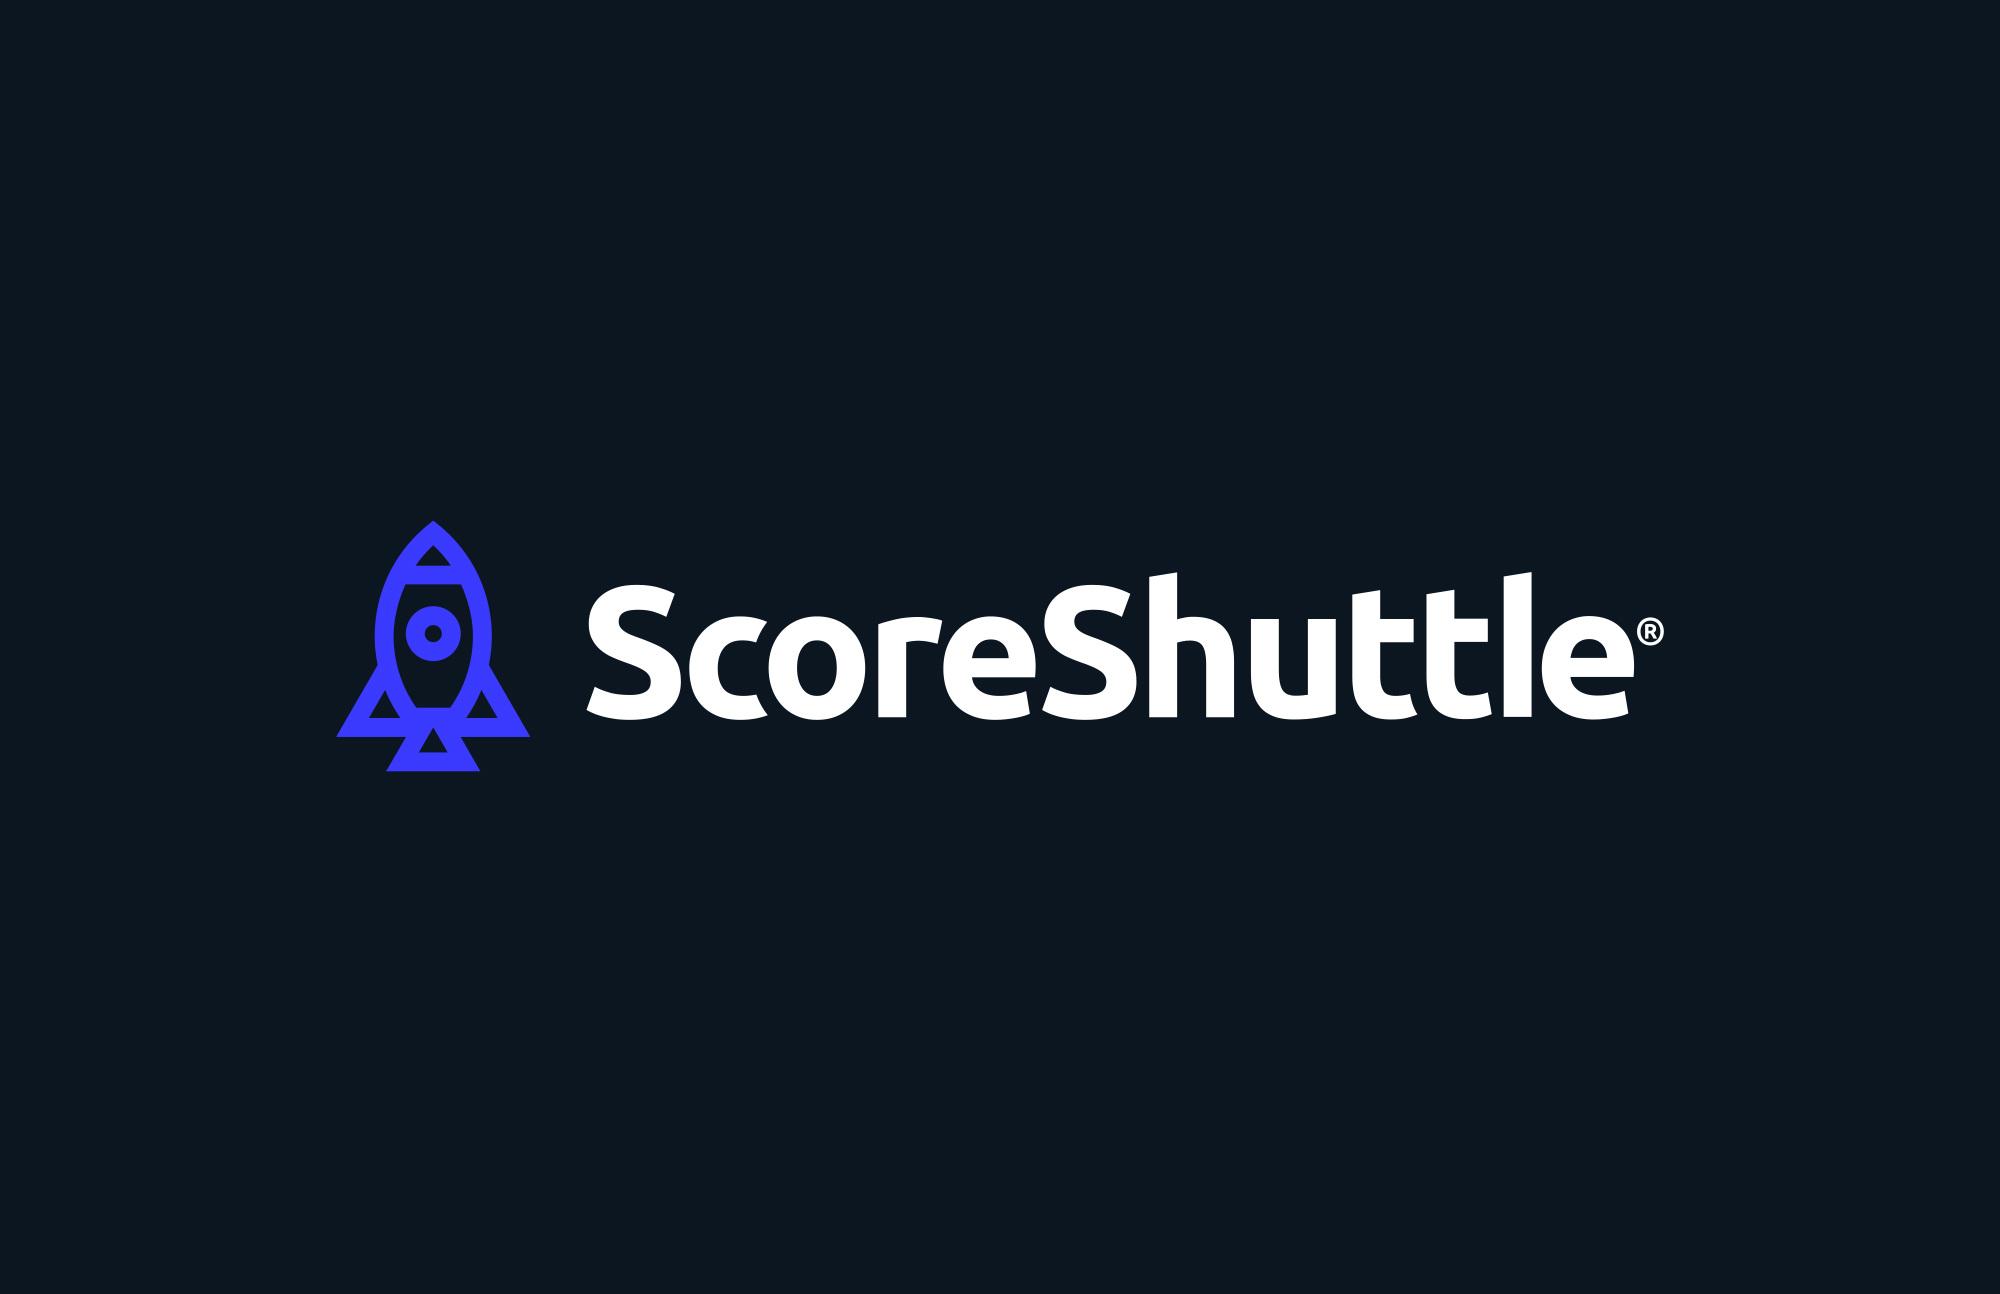 002_Branding_ScoreShuttle_1